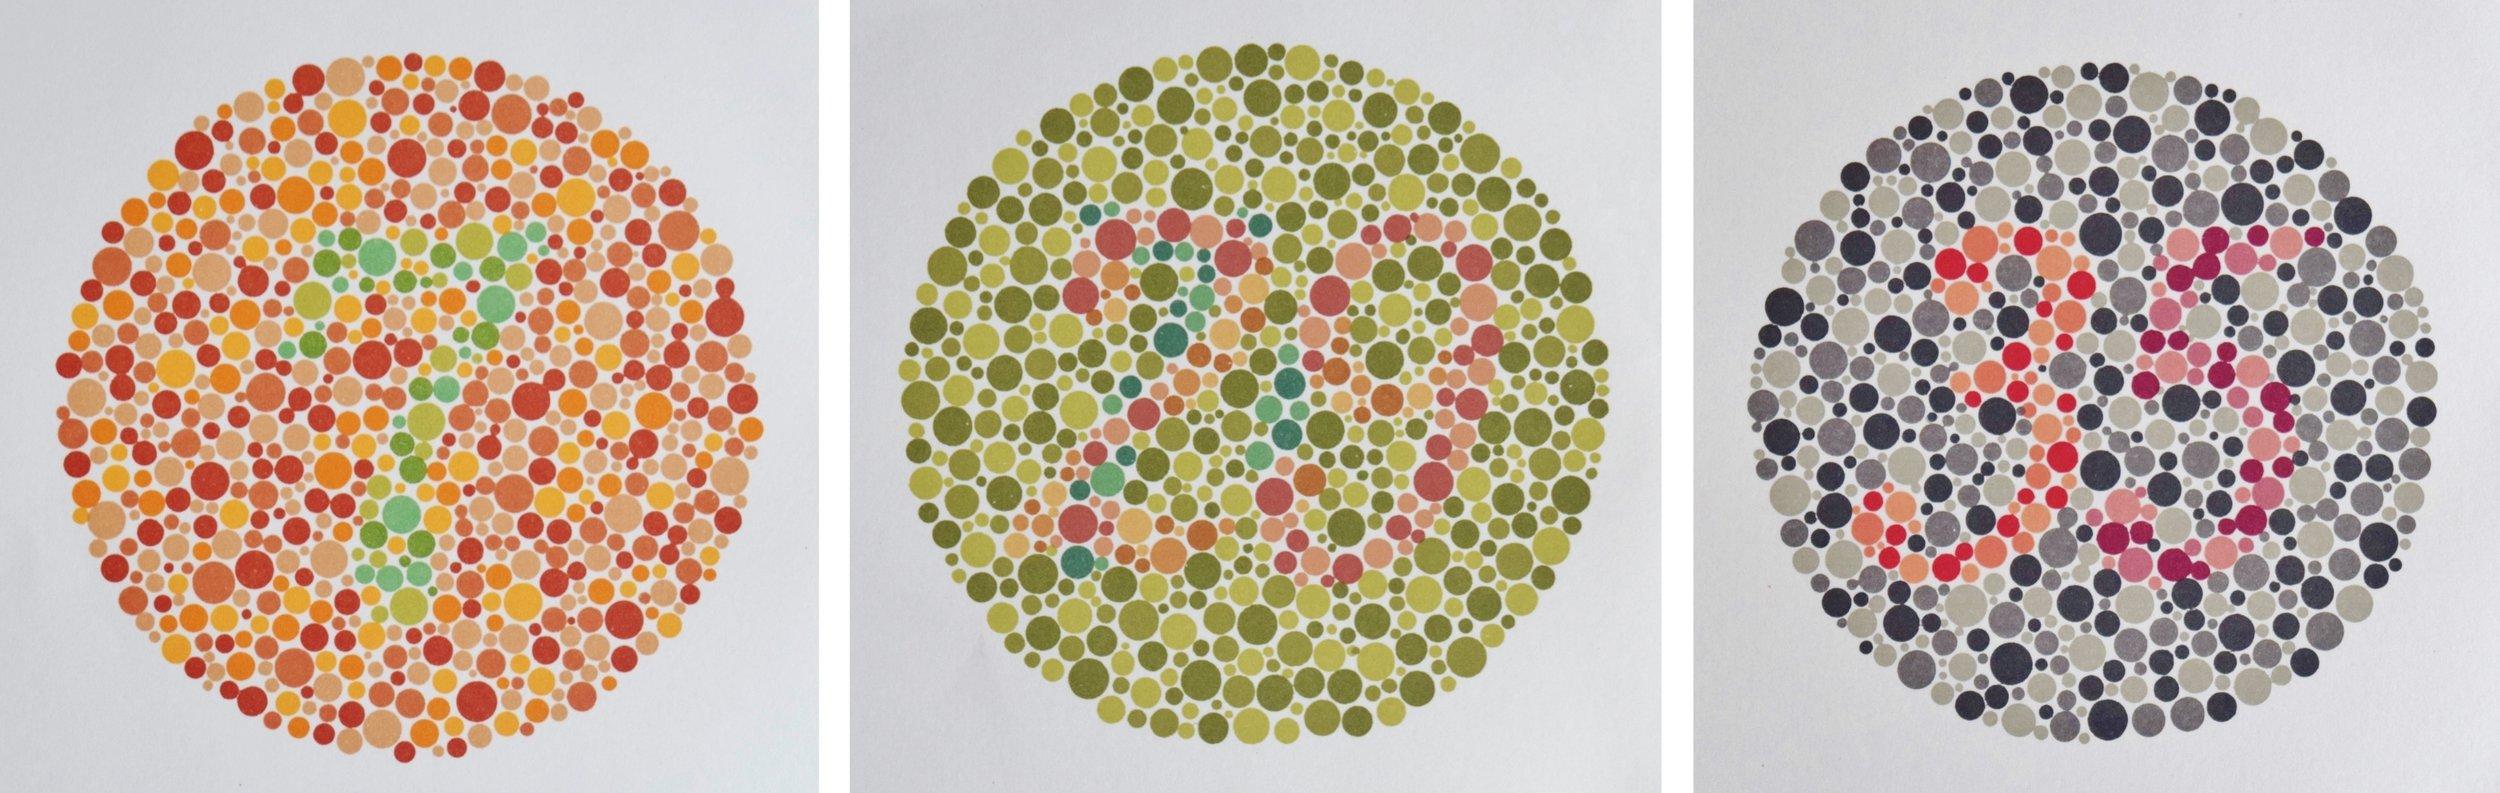 Ishihara-Tafeln zum Testen des Farbensehens